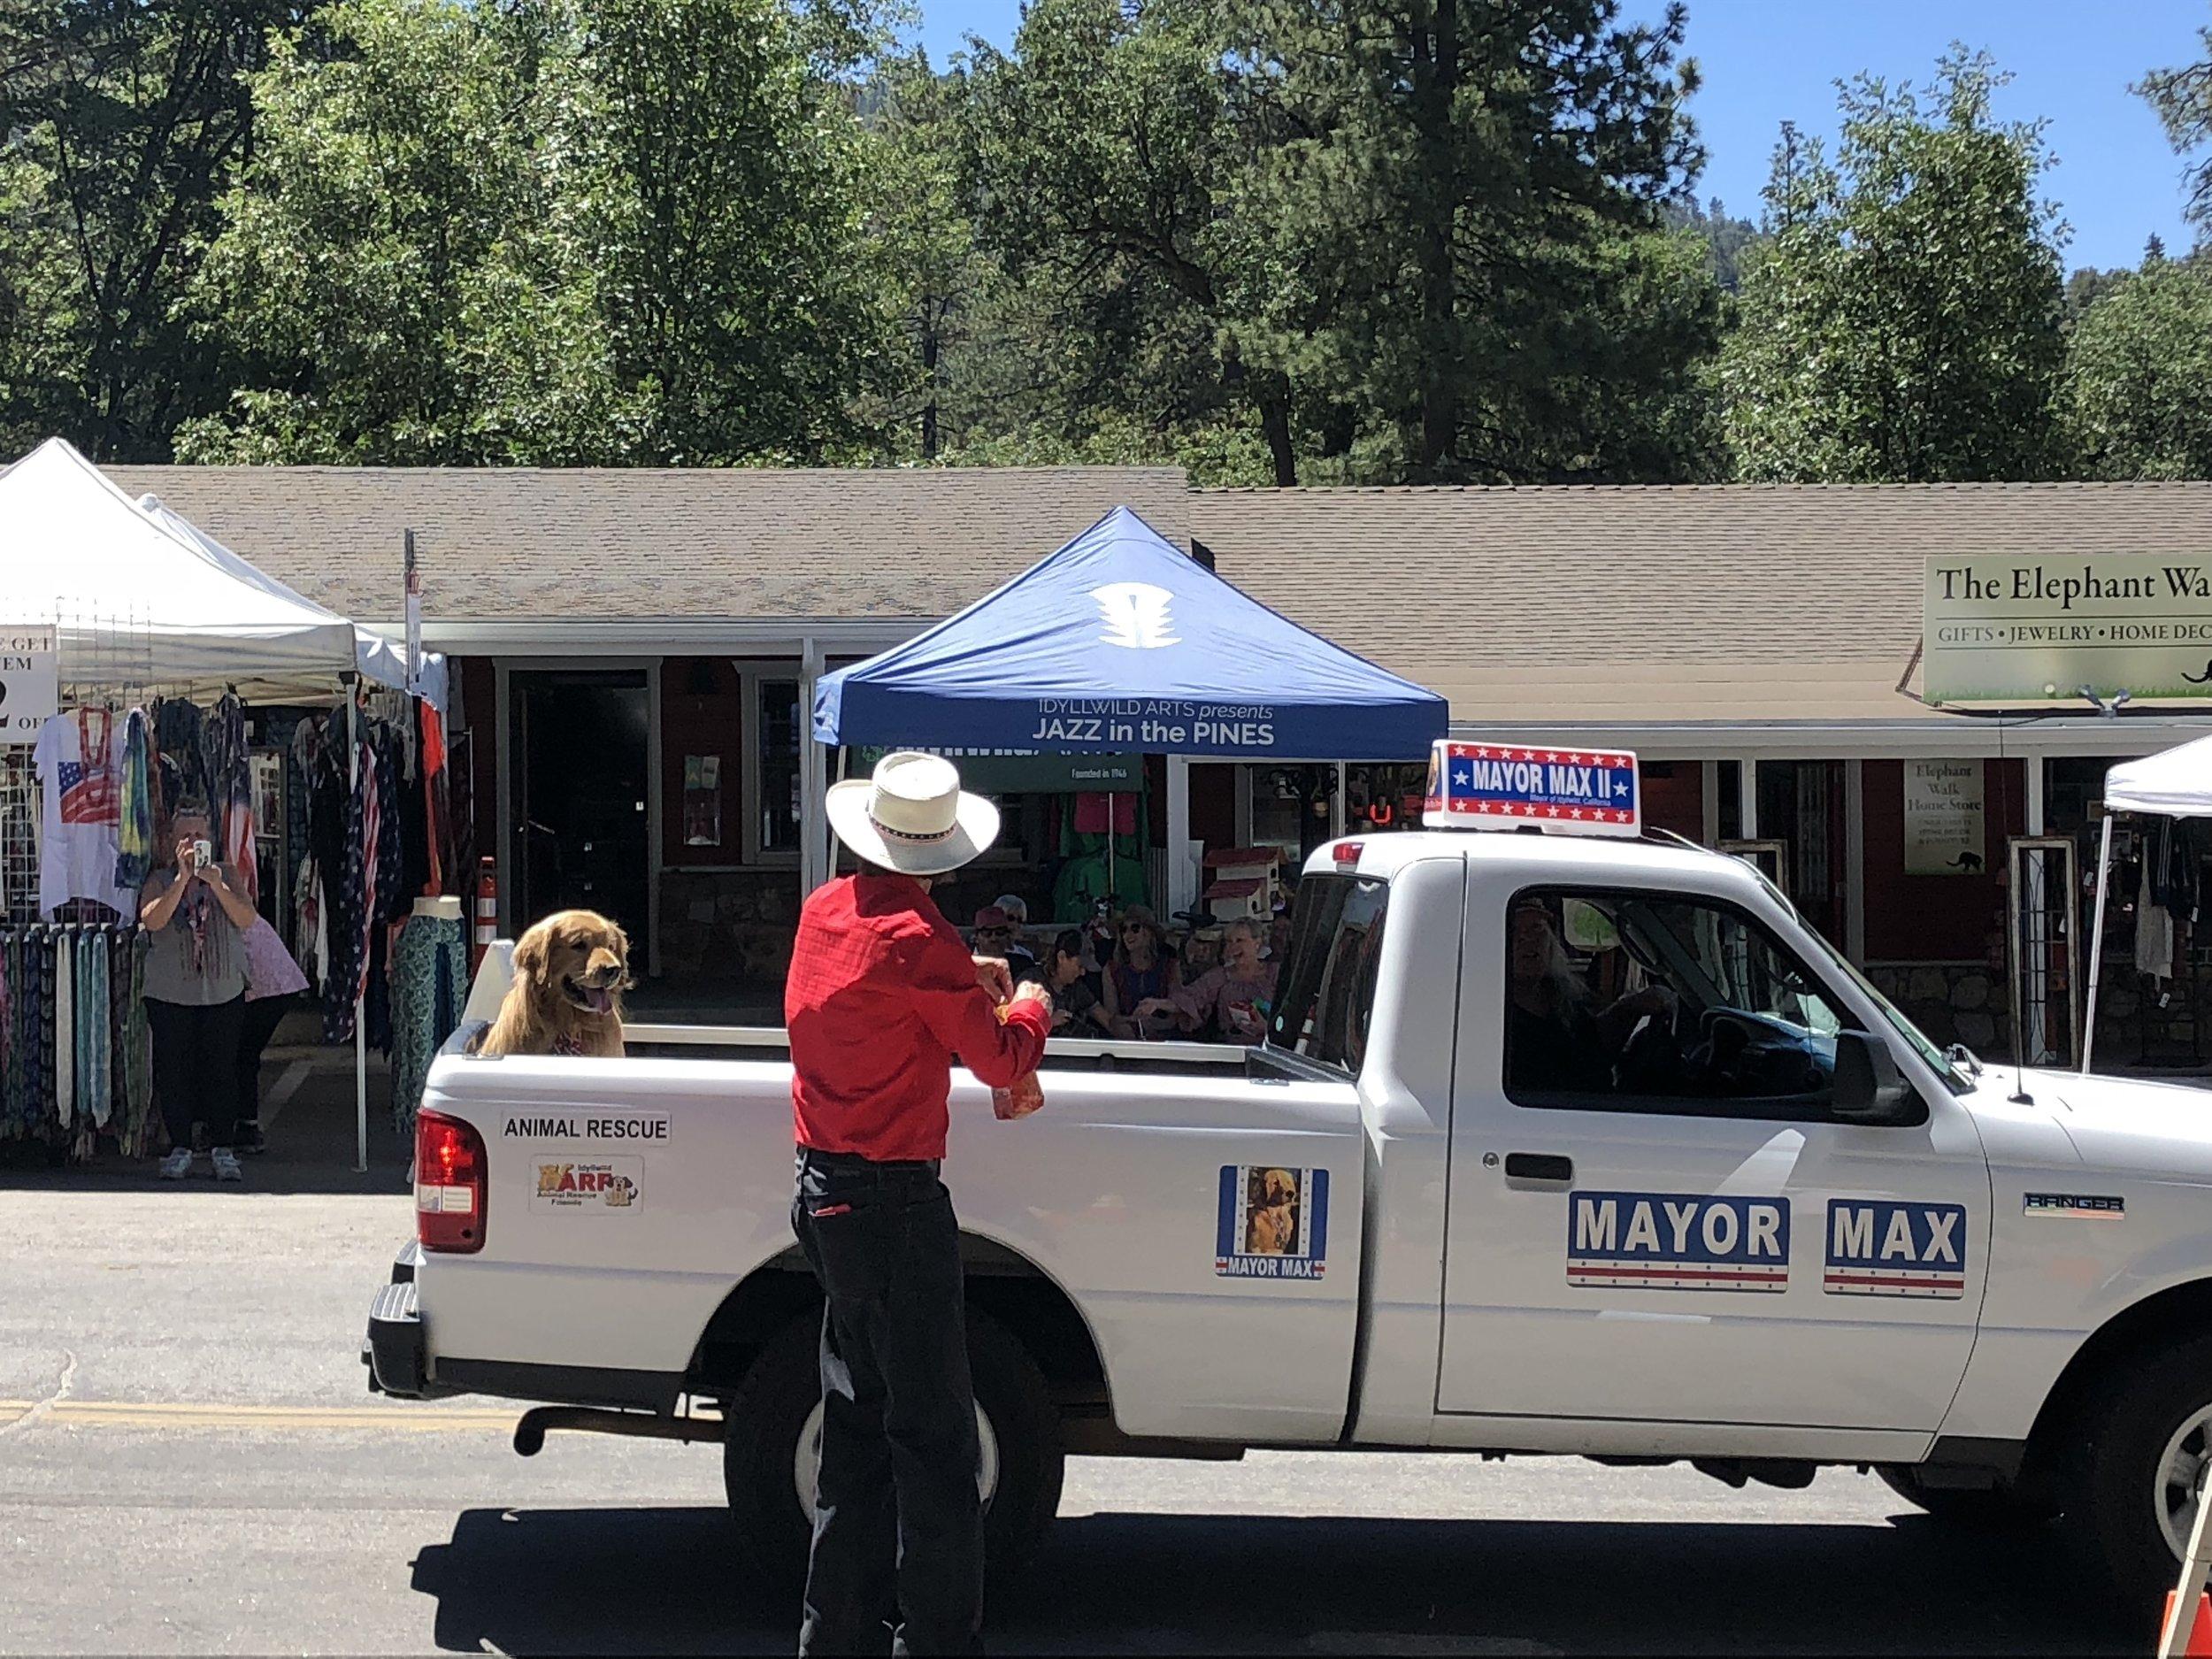 Mayor Max enjoying the Fourth of July Parade in Idyllwild.